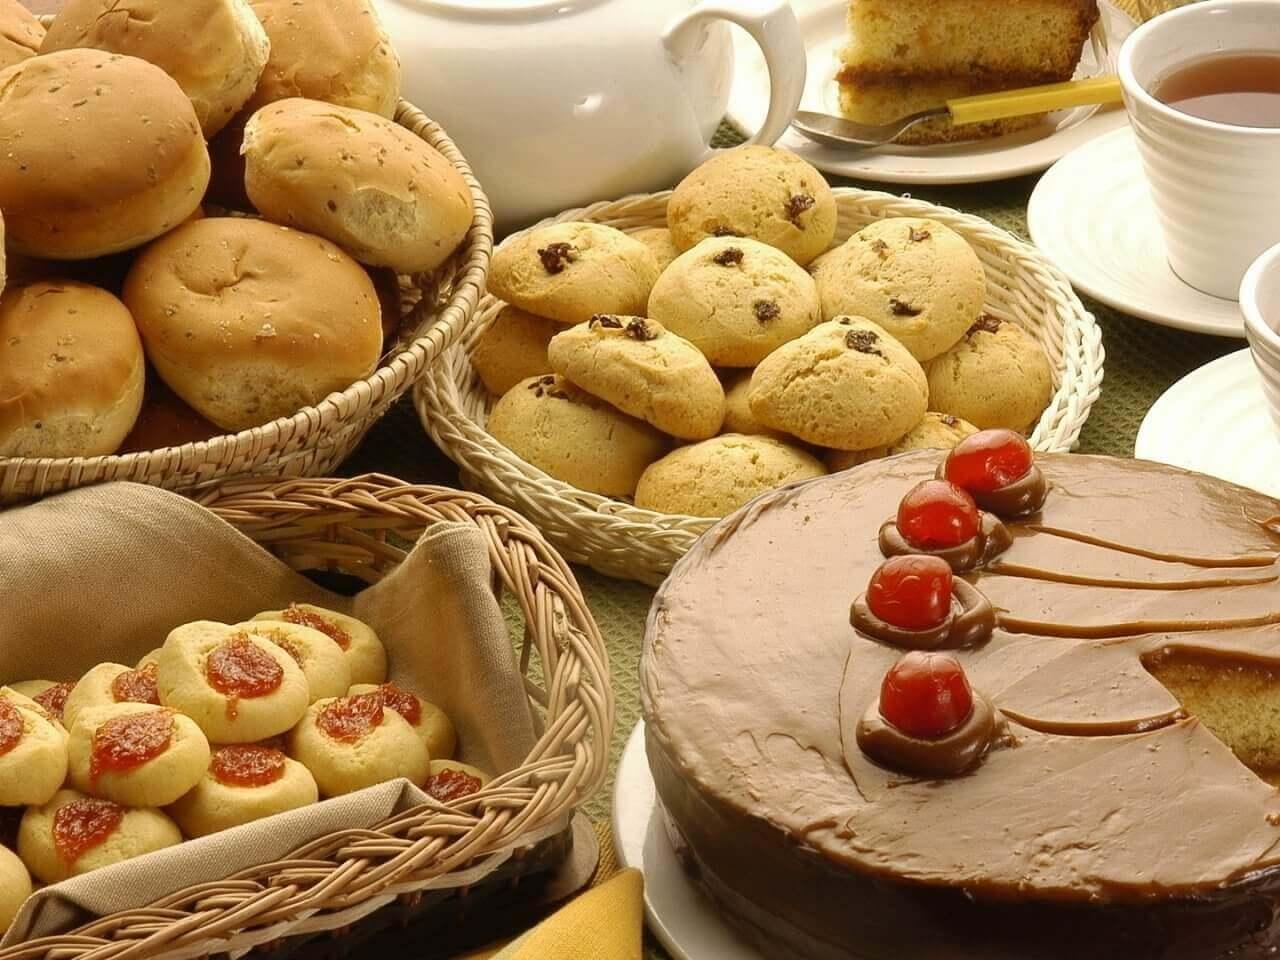 Suiker is voedsel dat slecht is voor de spijsvertering